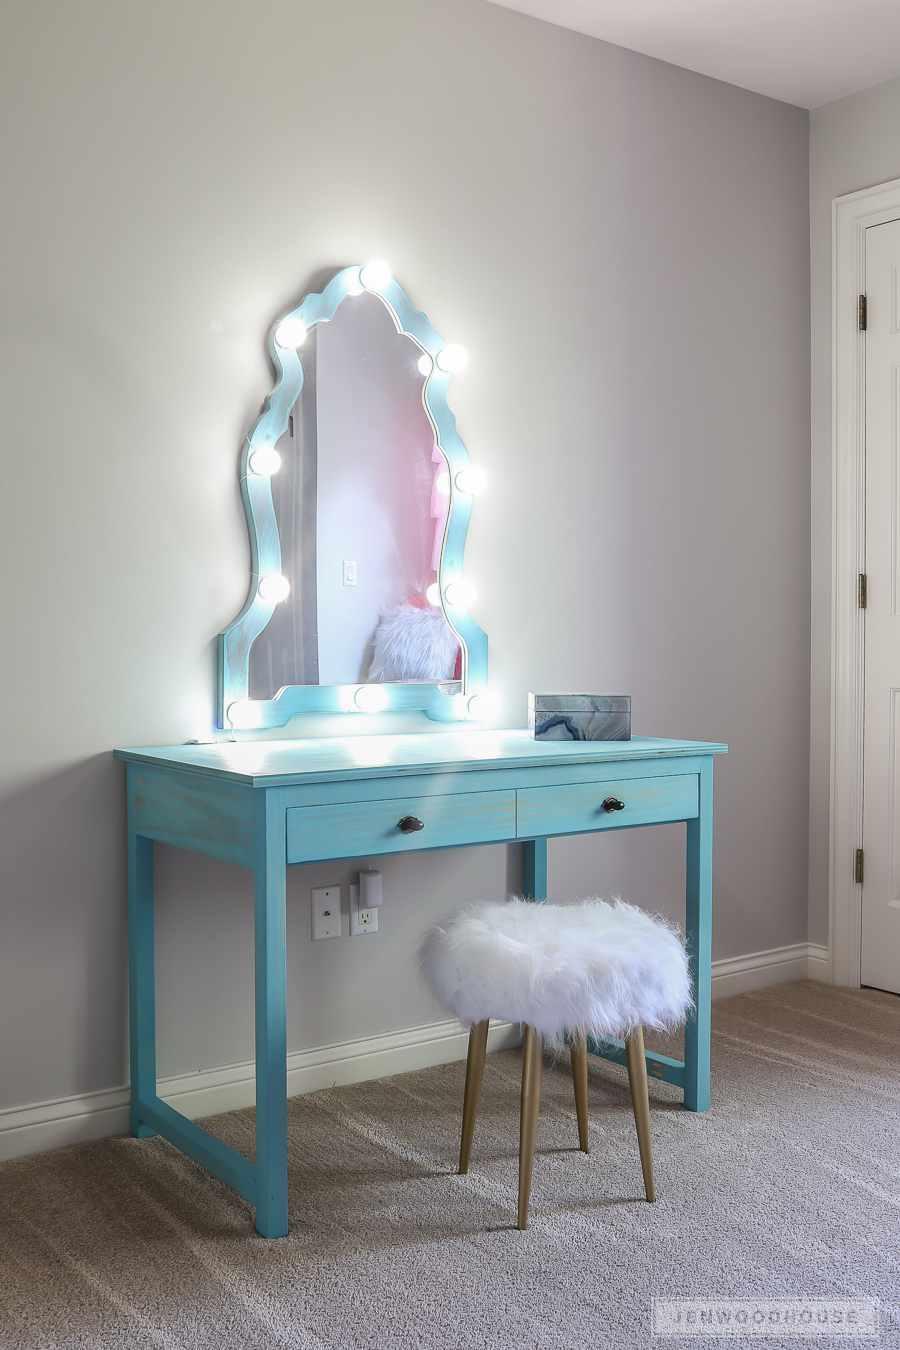 13-DIY-Makeup-Vanity-With-Lights